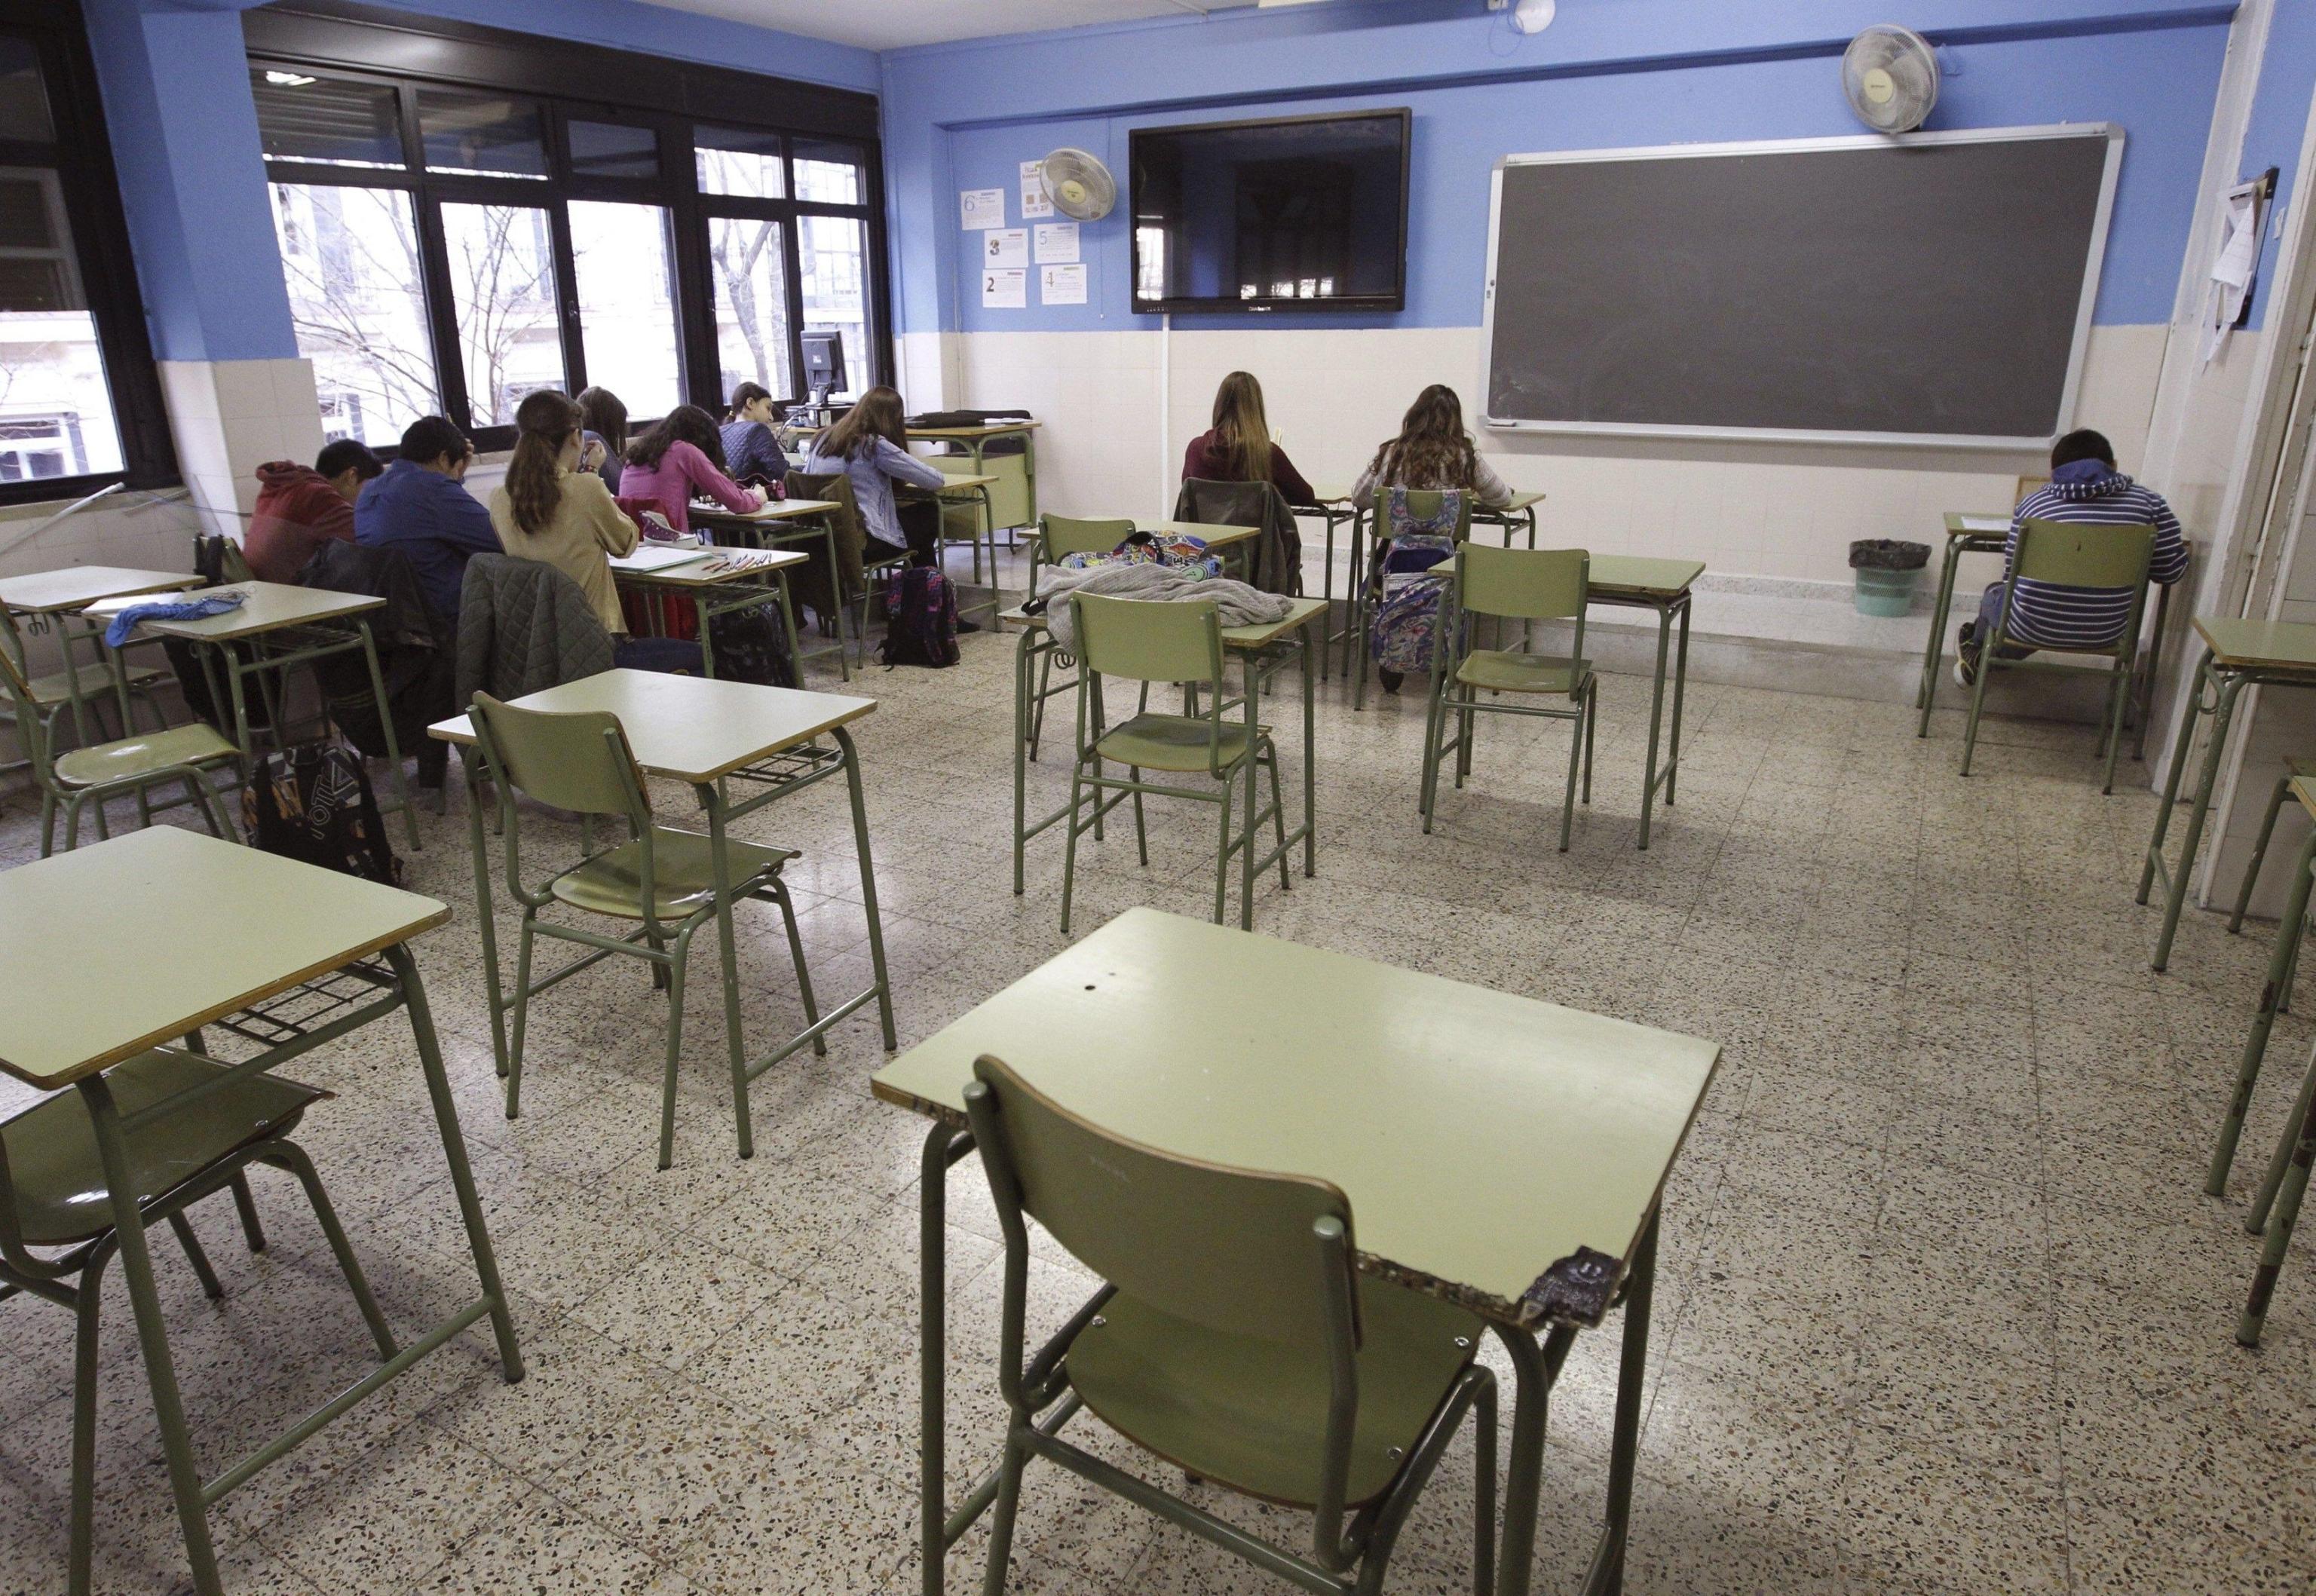 Brindisi: foto dei prof in aula finiscono su Instagram, sospesi due studenti